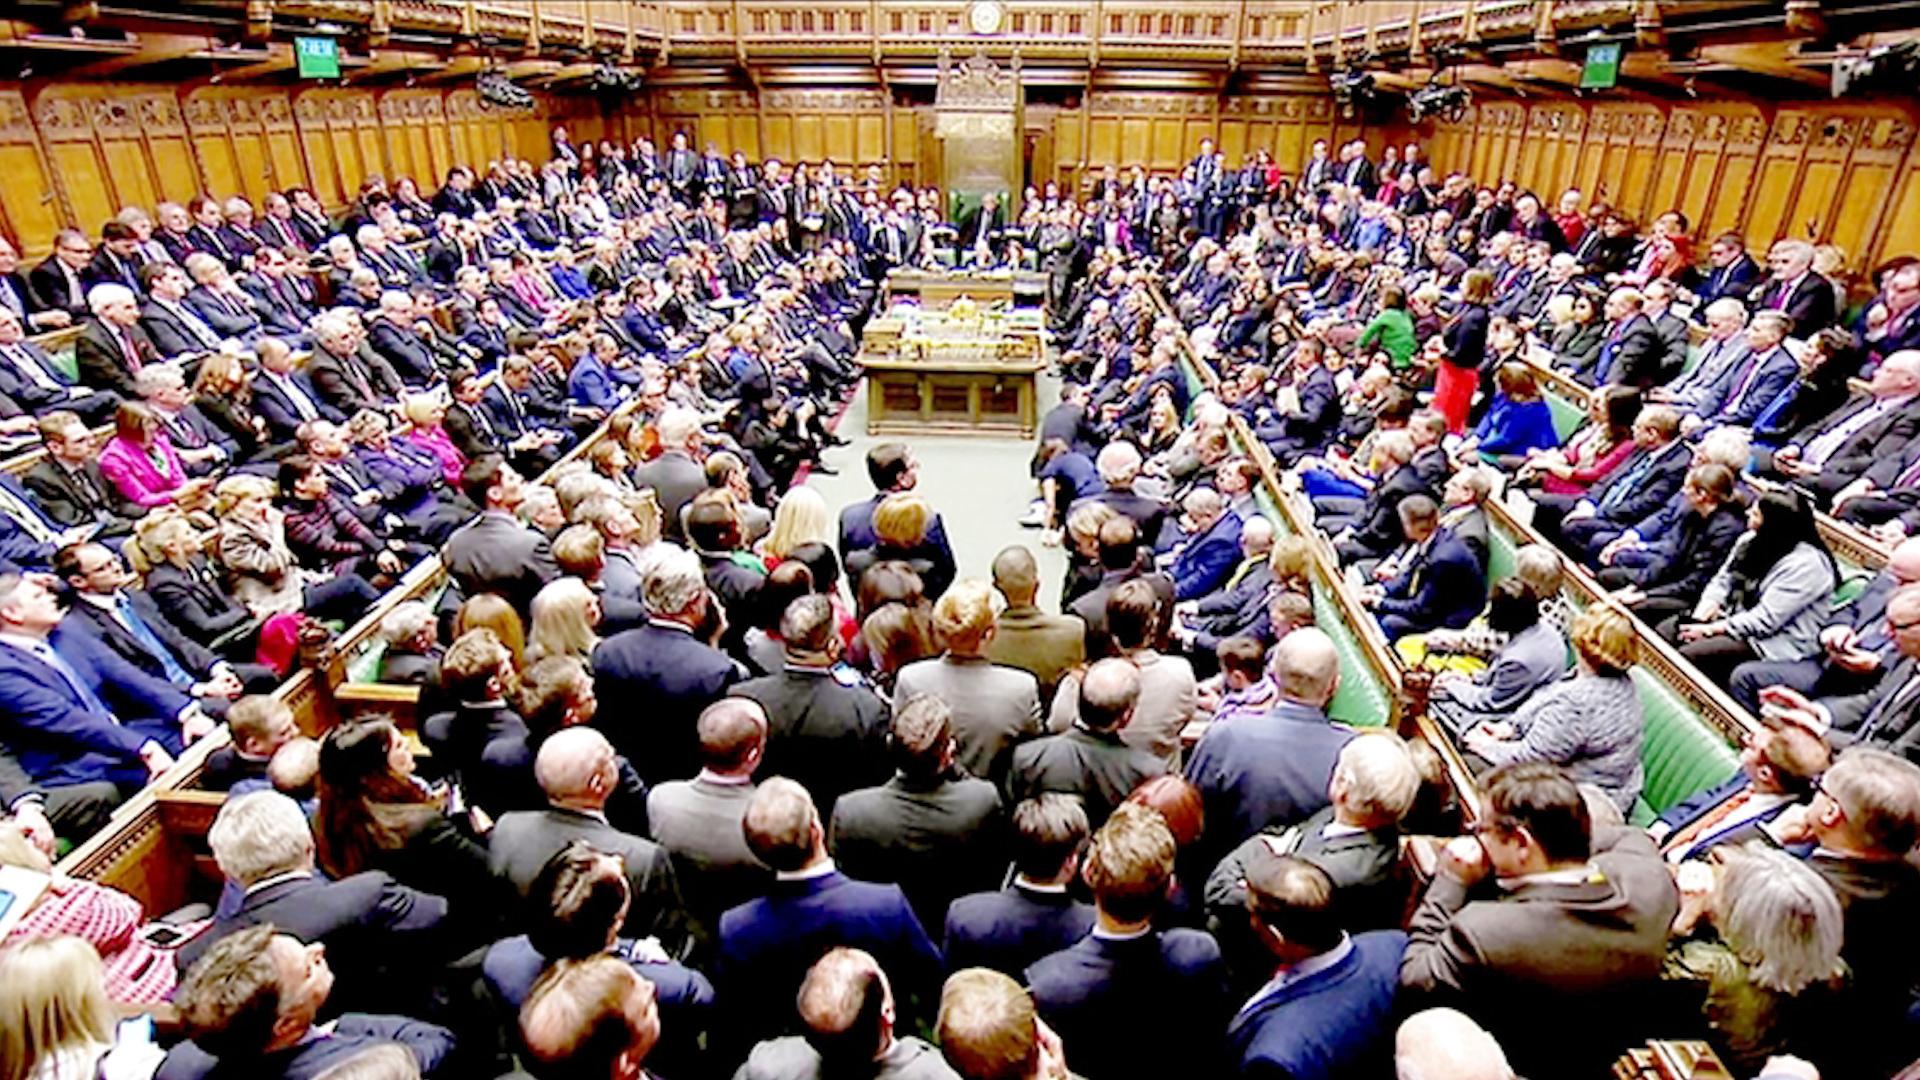 Photo of Lihevkirina Brexit a Brîtanî fermî ji aliyê meclisa giştî ya Brîtanyayê hat erêkirin